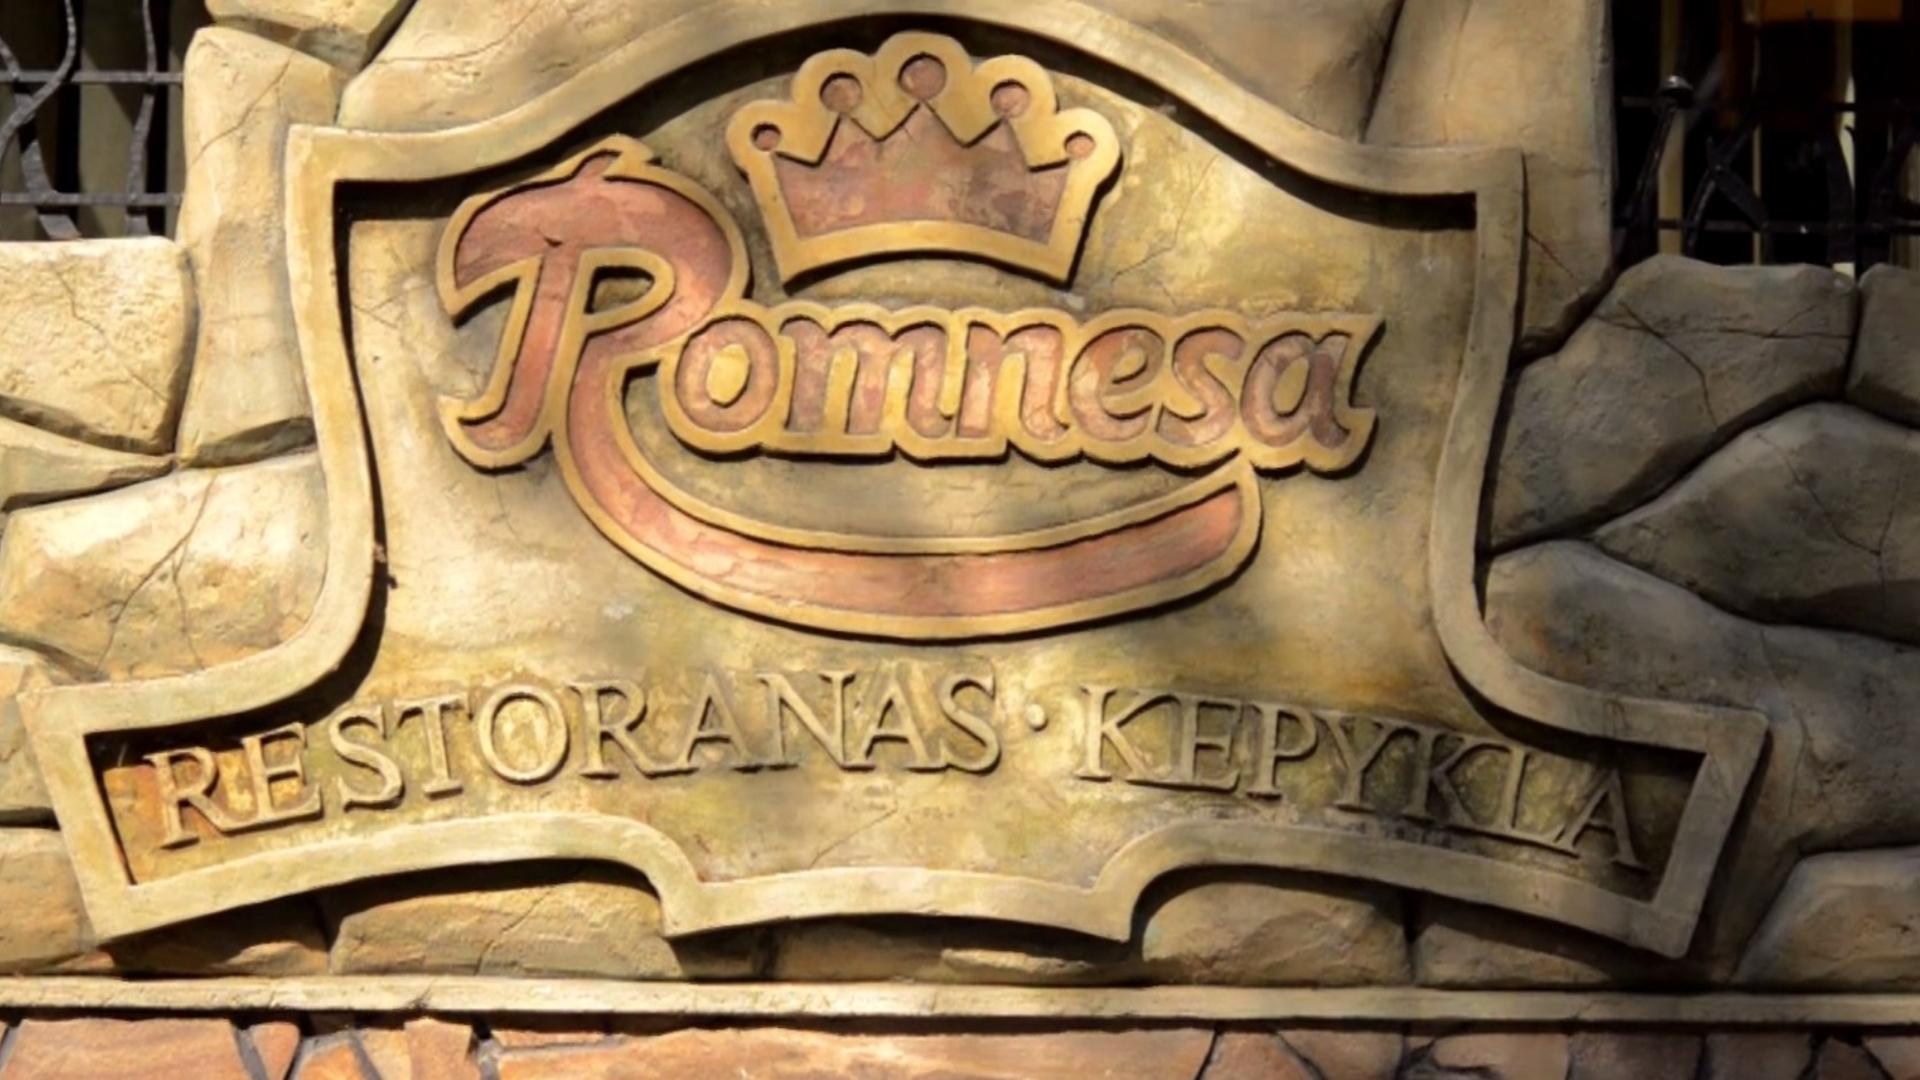 """Restoranas-kepykla """"Romnesa"""""""